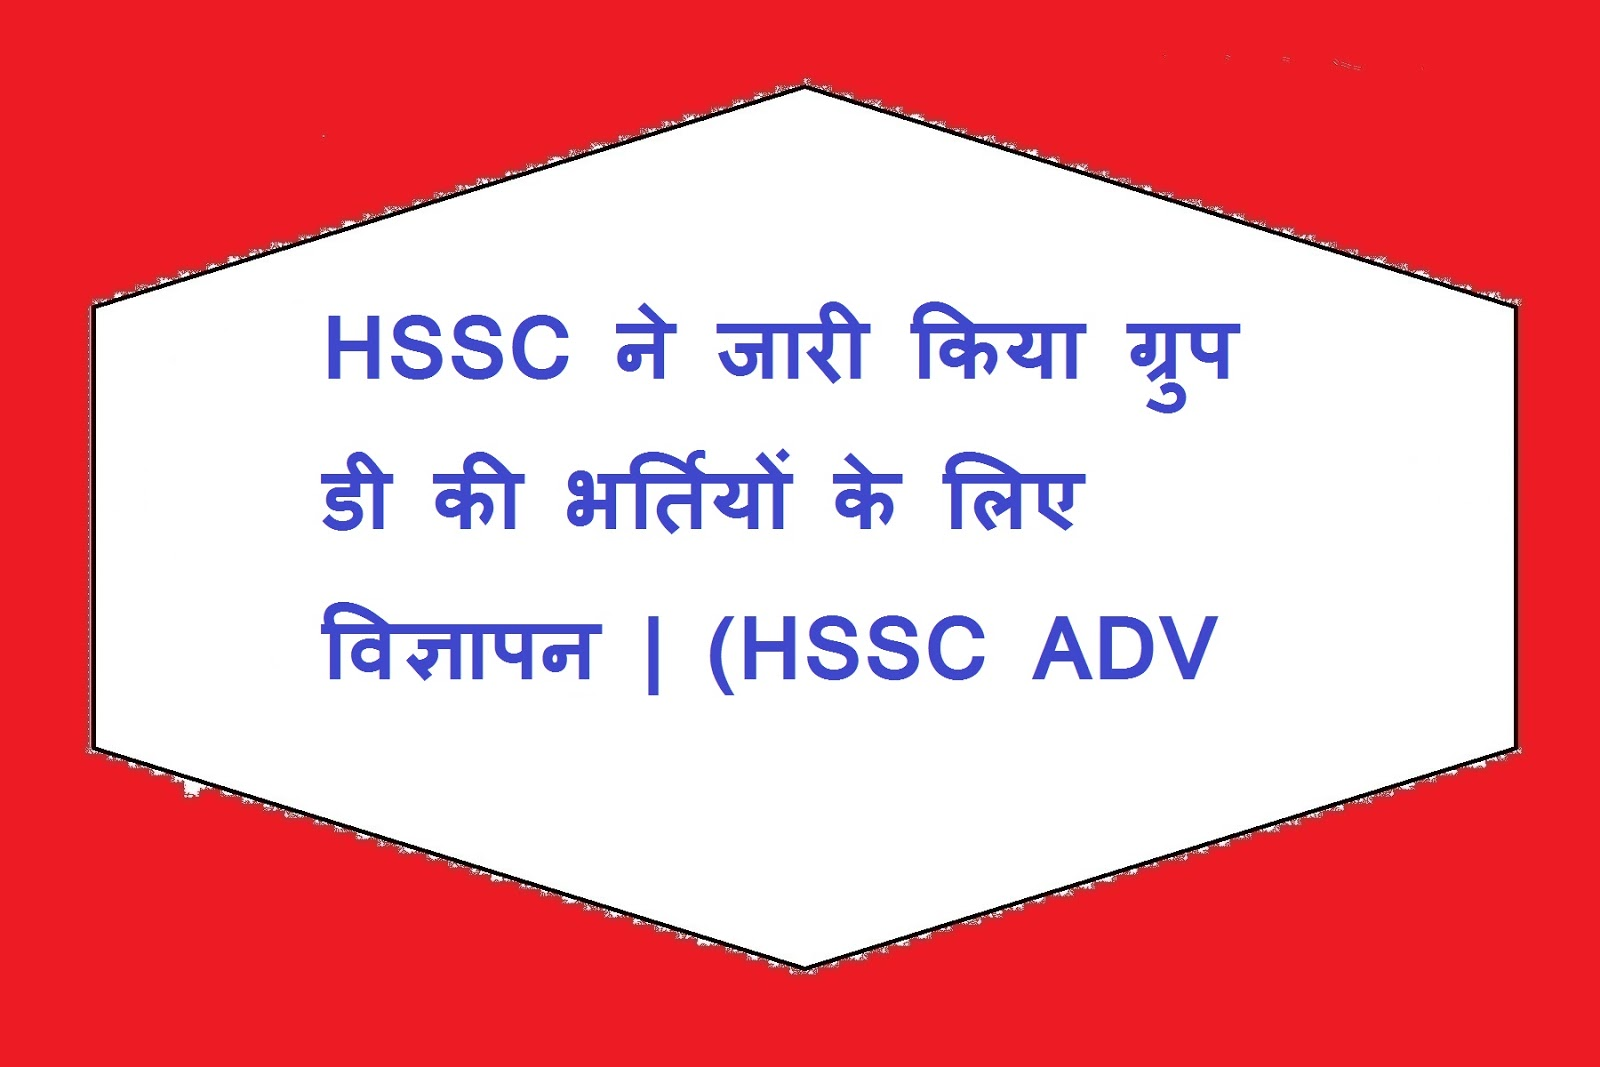 HSSC ने जारी किया ग्रुप डी की भर्तियों के लिए विज्ञापन | (HSSC ADV 4/2018)